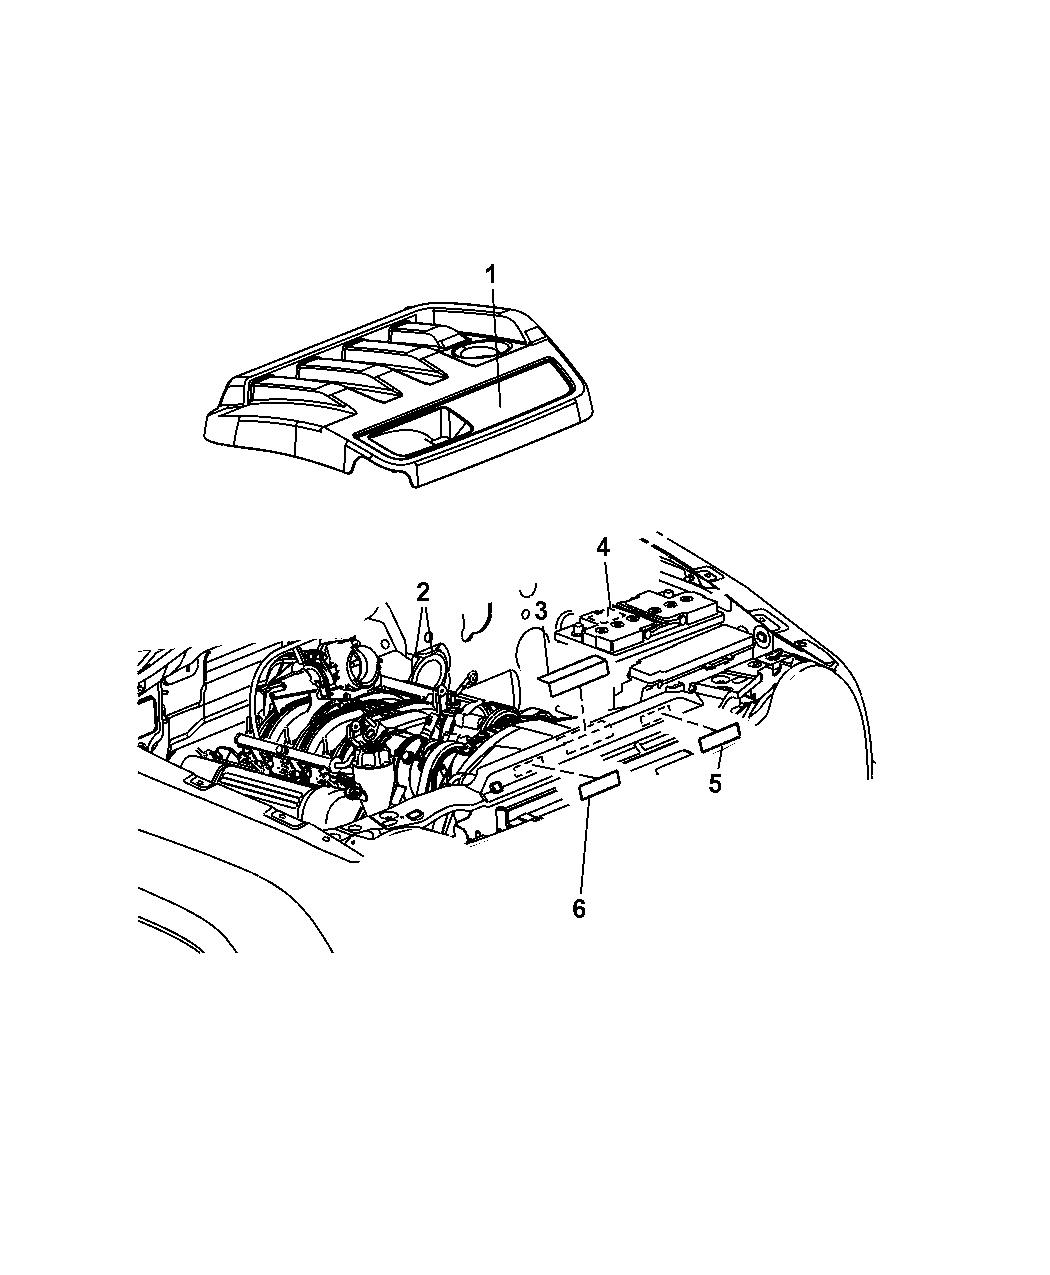 2012 Jeep Patriot Engine Compartment Mopar Parts Giant Diagram Of